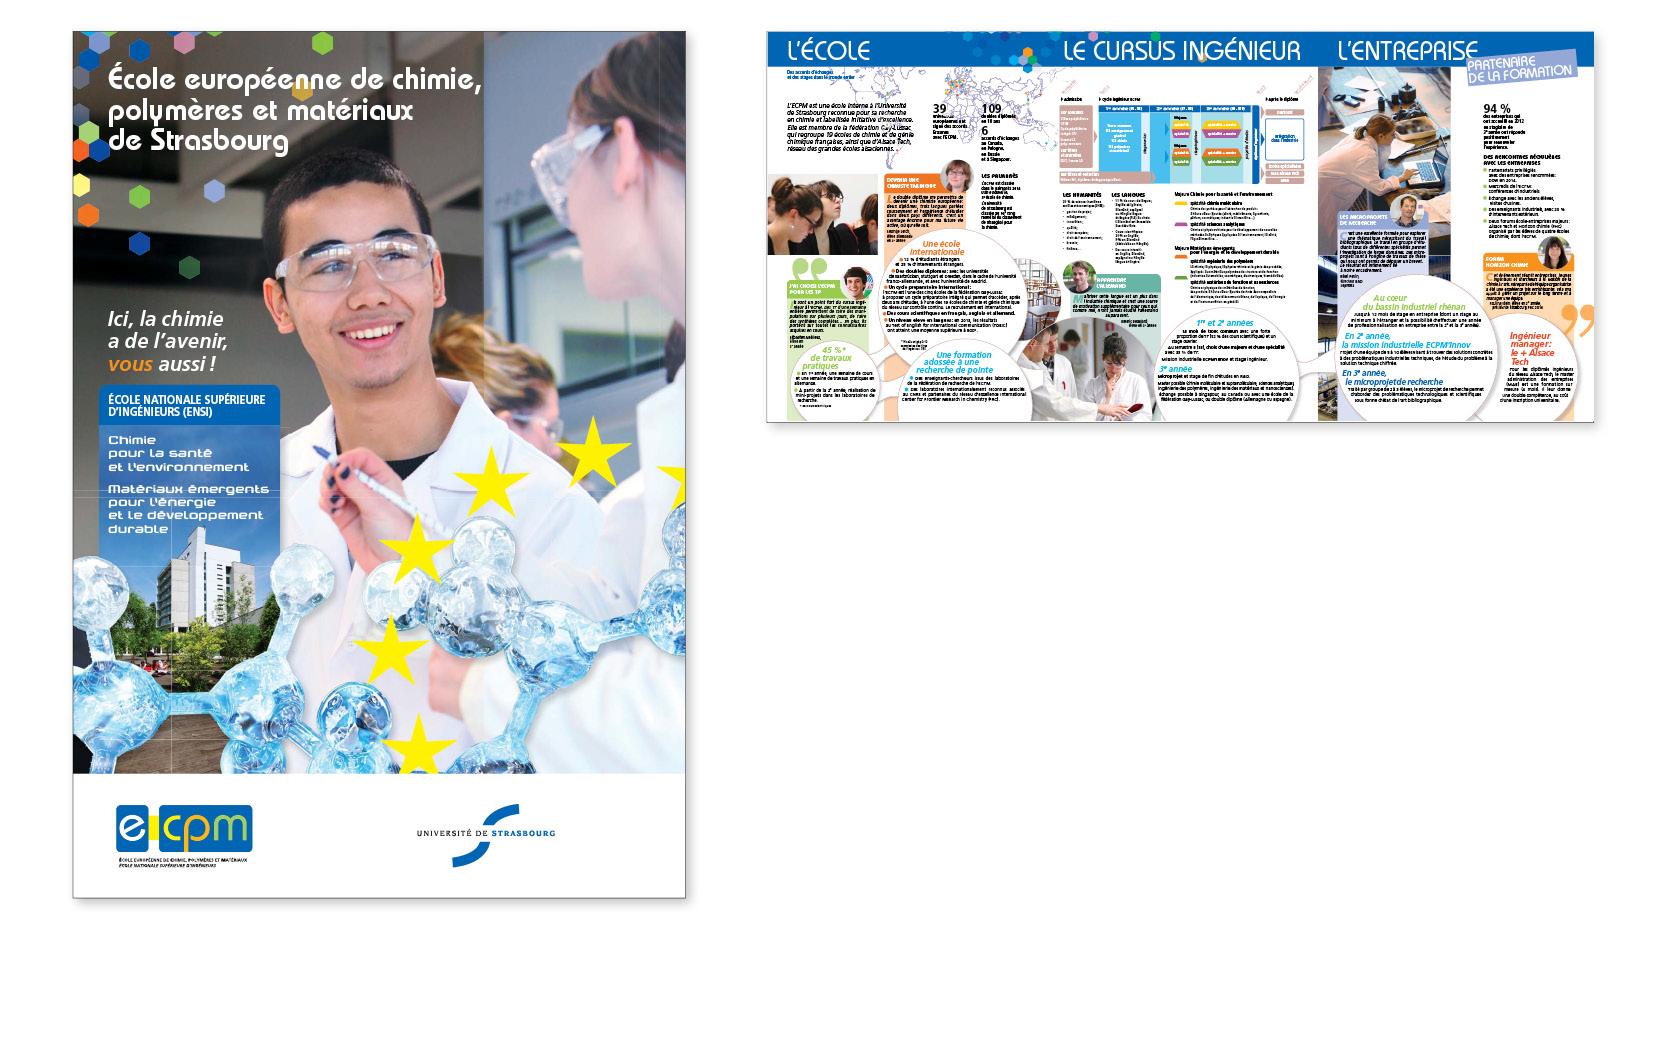 Plaquette élève pour l'École européenne de chimie, polymères et matériaux, réédition 2014.